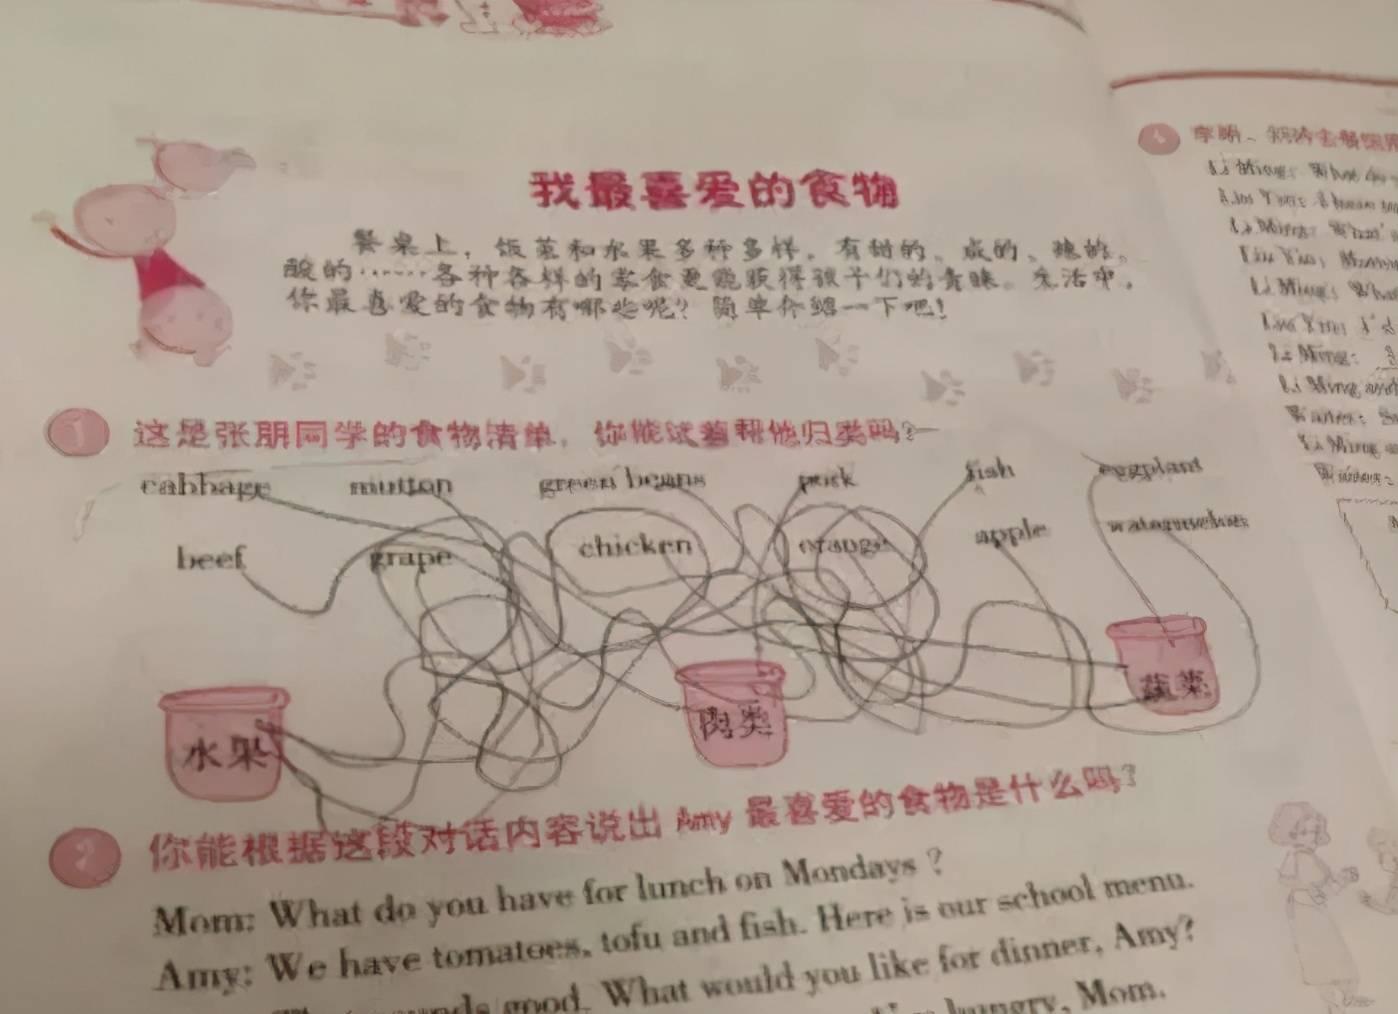 """小学生敷衍寒假作业,字写成""""鬼画符""""不算啥,电视后遗症才严重"""